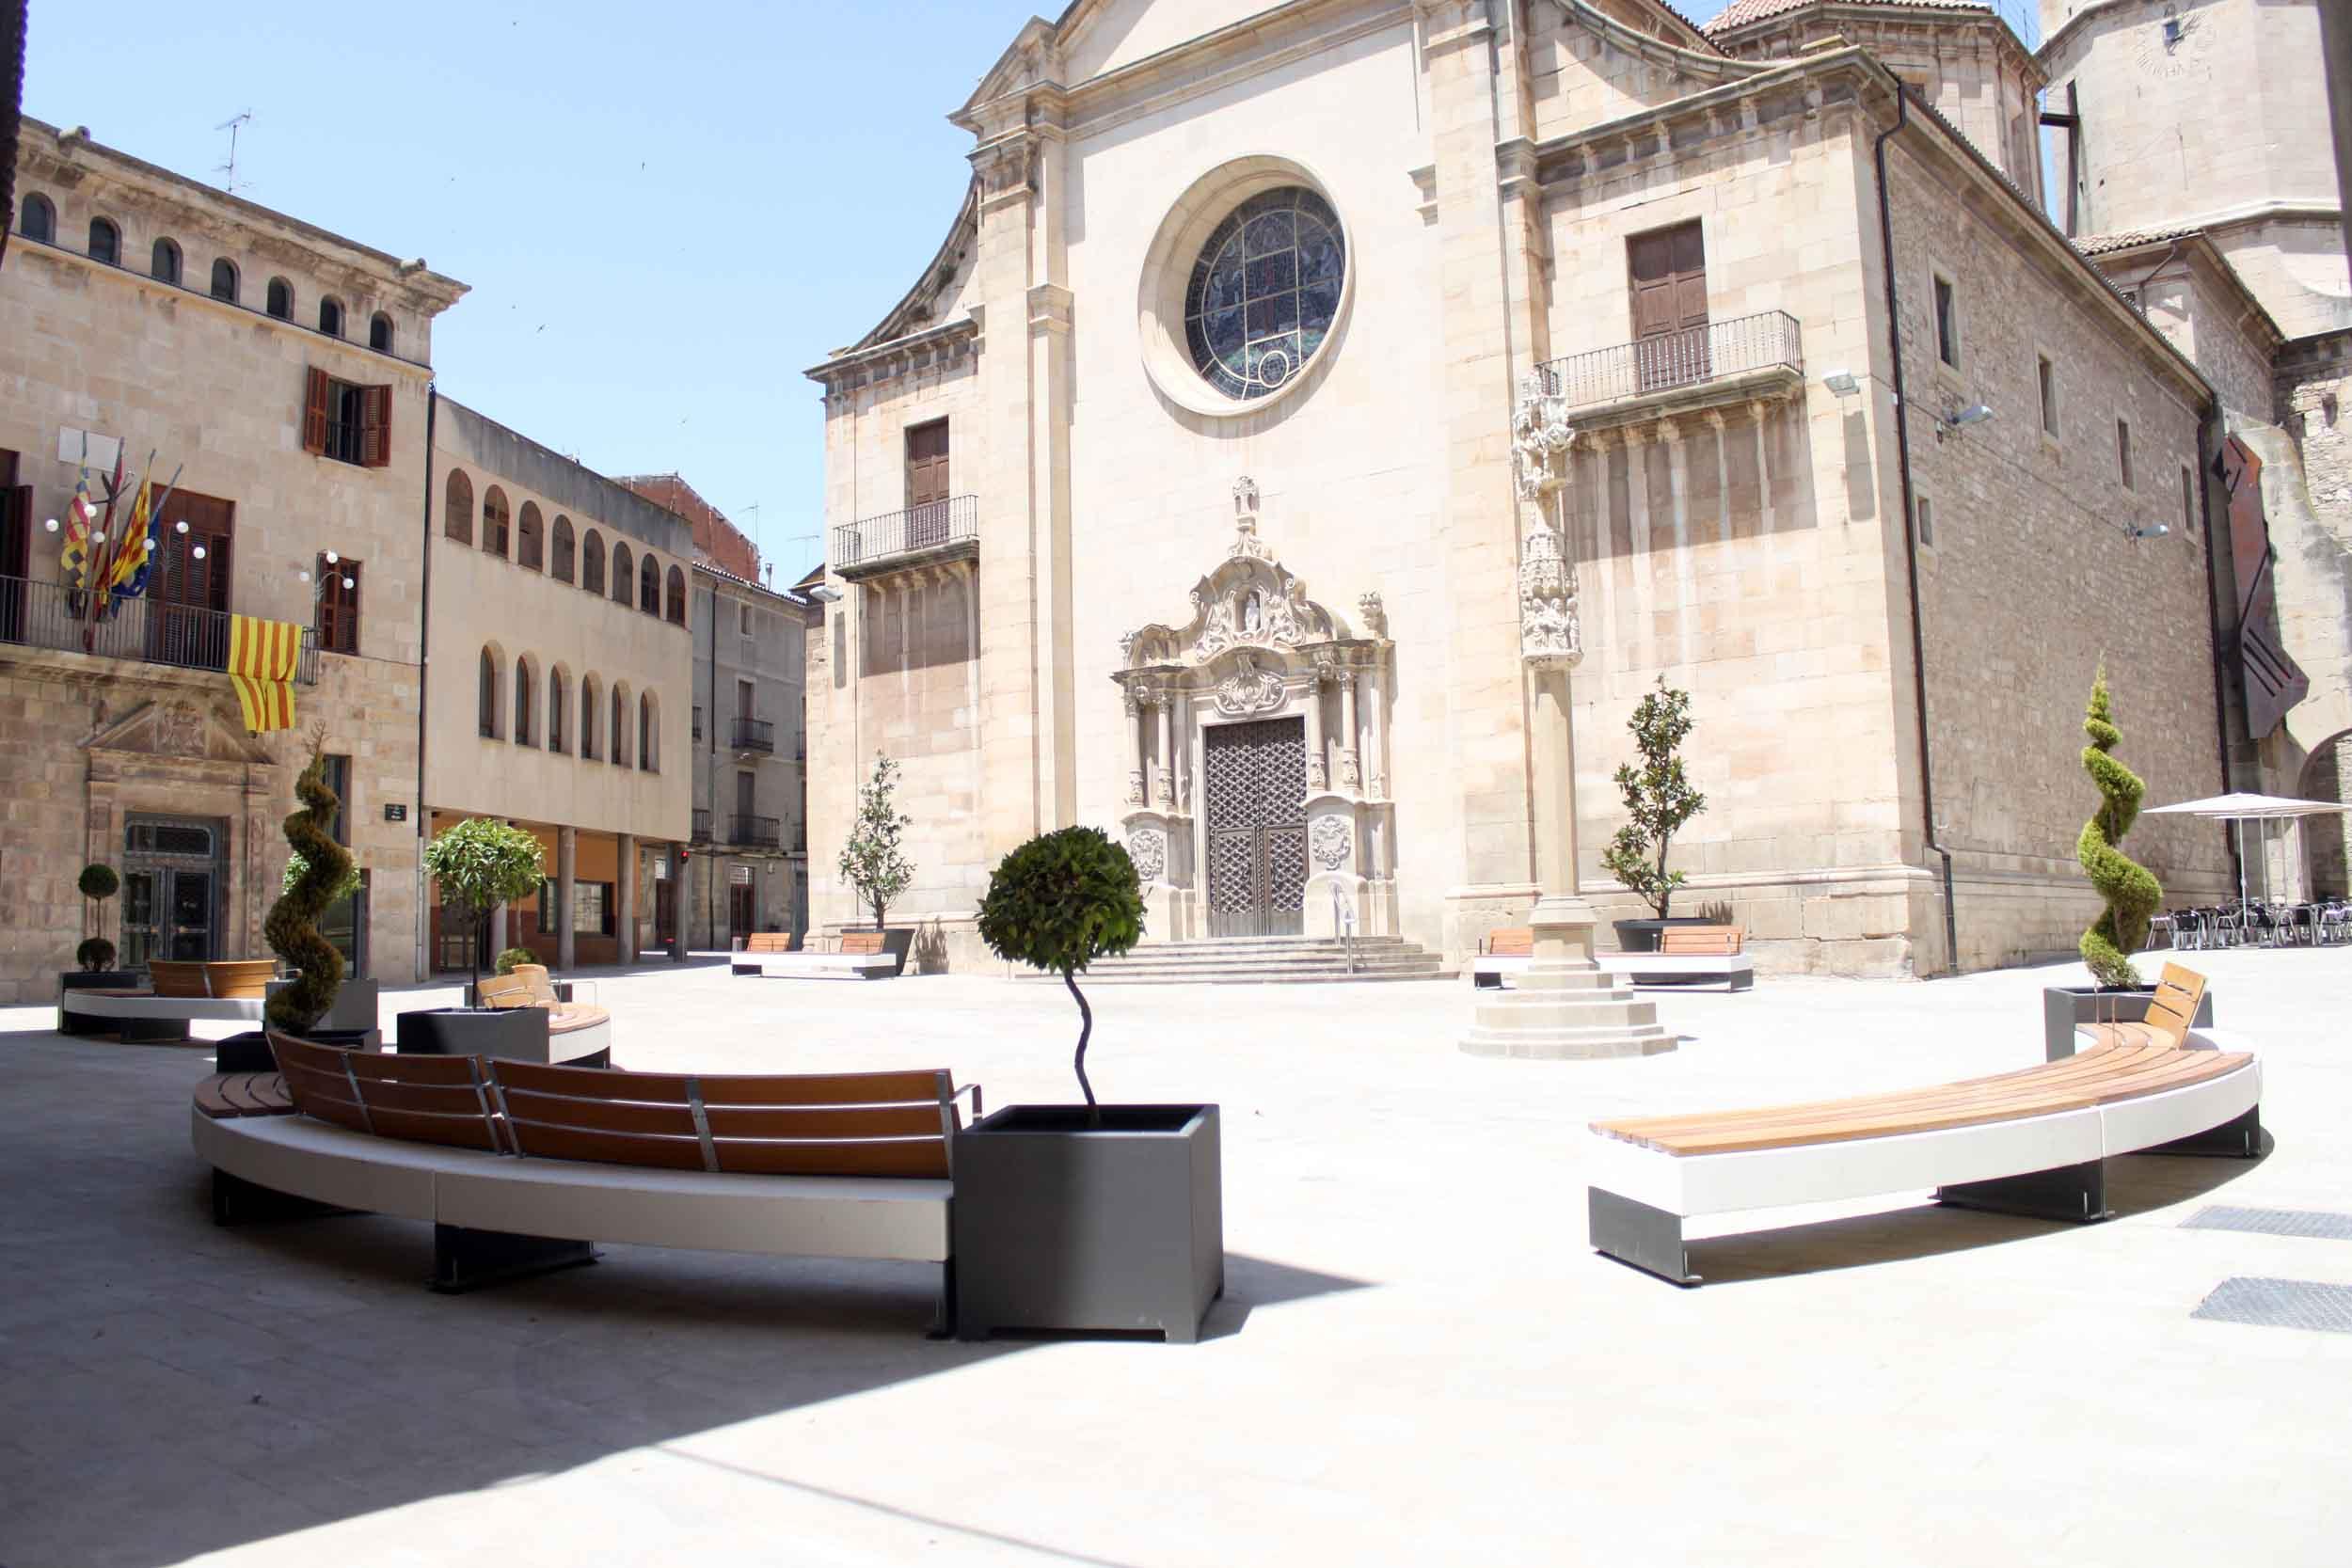 La plaça Major de Tàrrega llueix nou mobiliari urbà